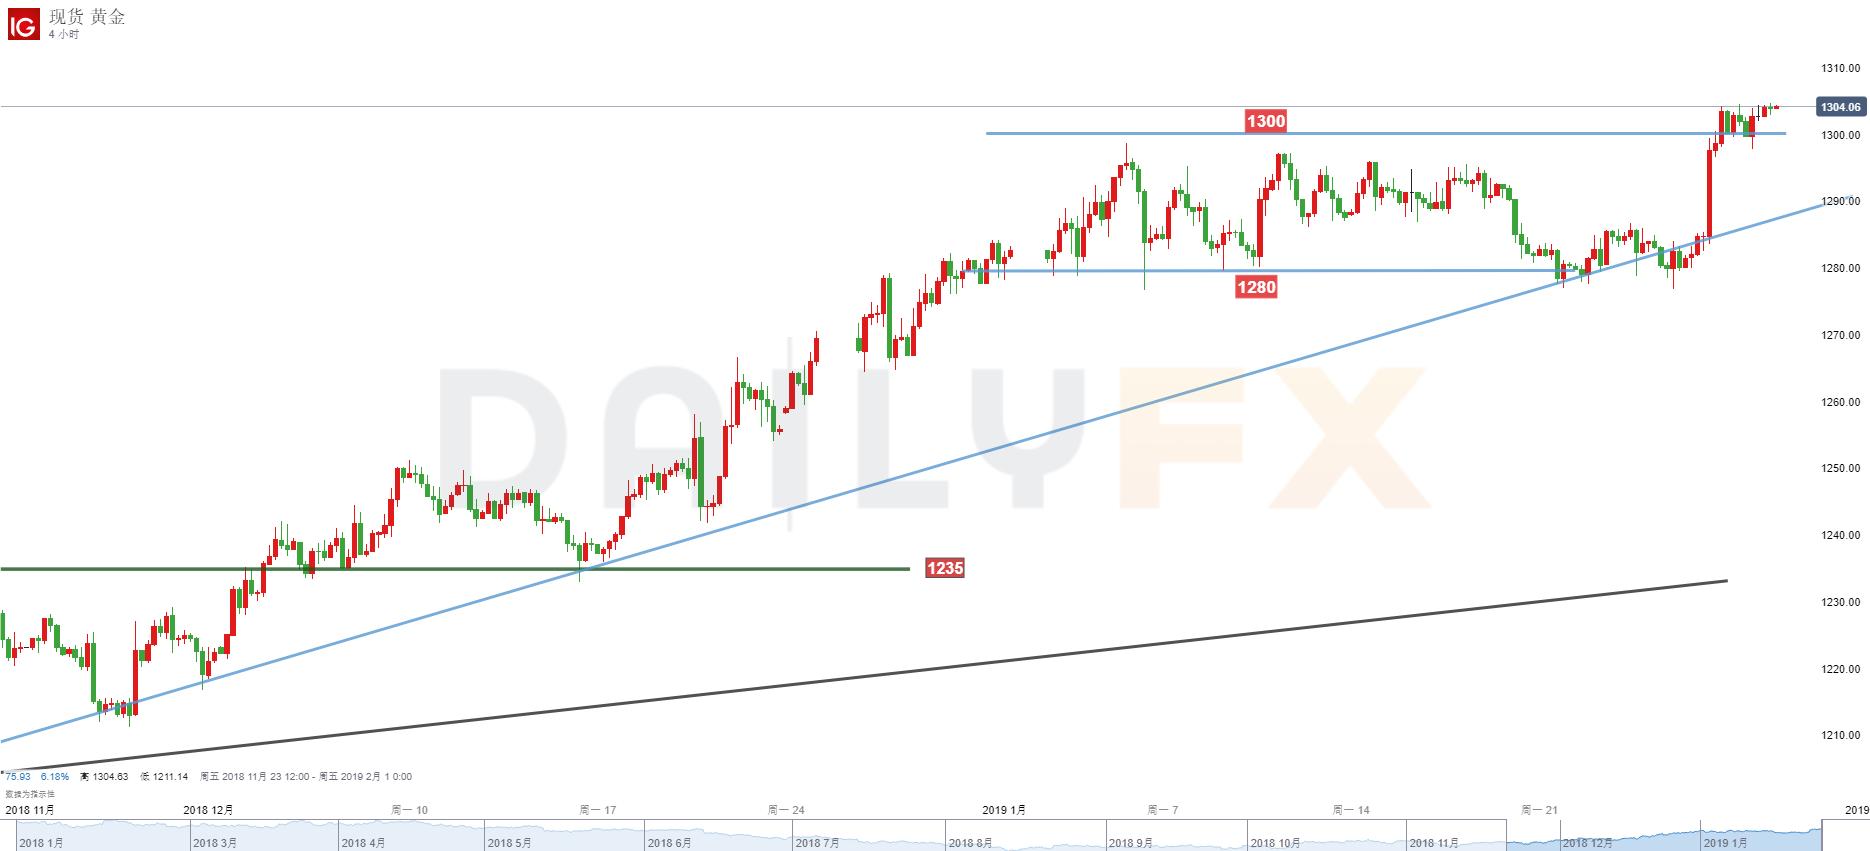 黄金/美元技术分析:稳健者继续观望